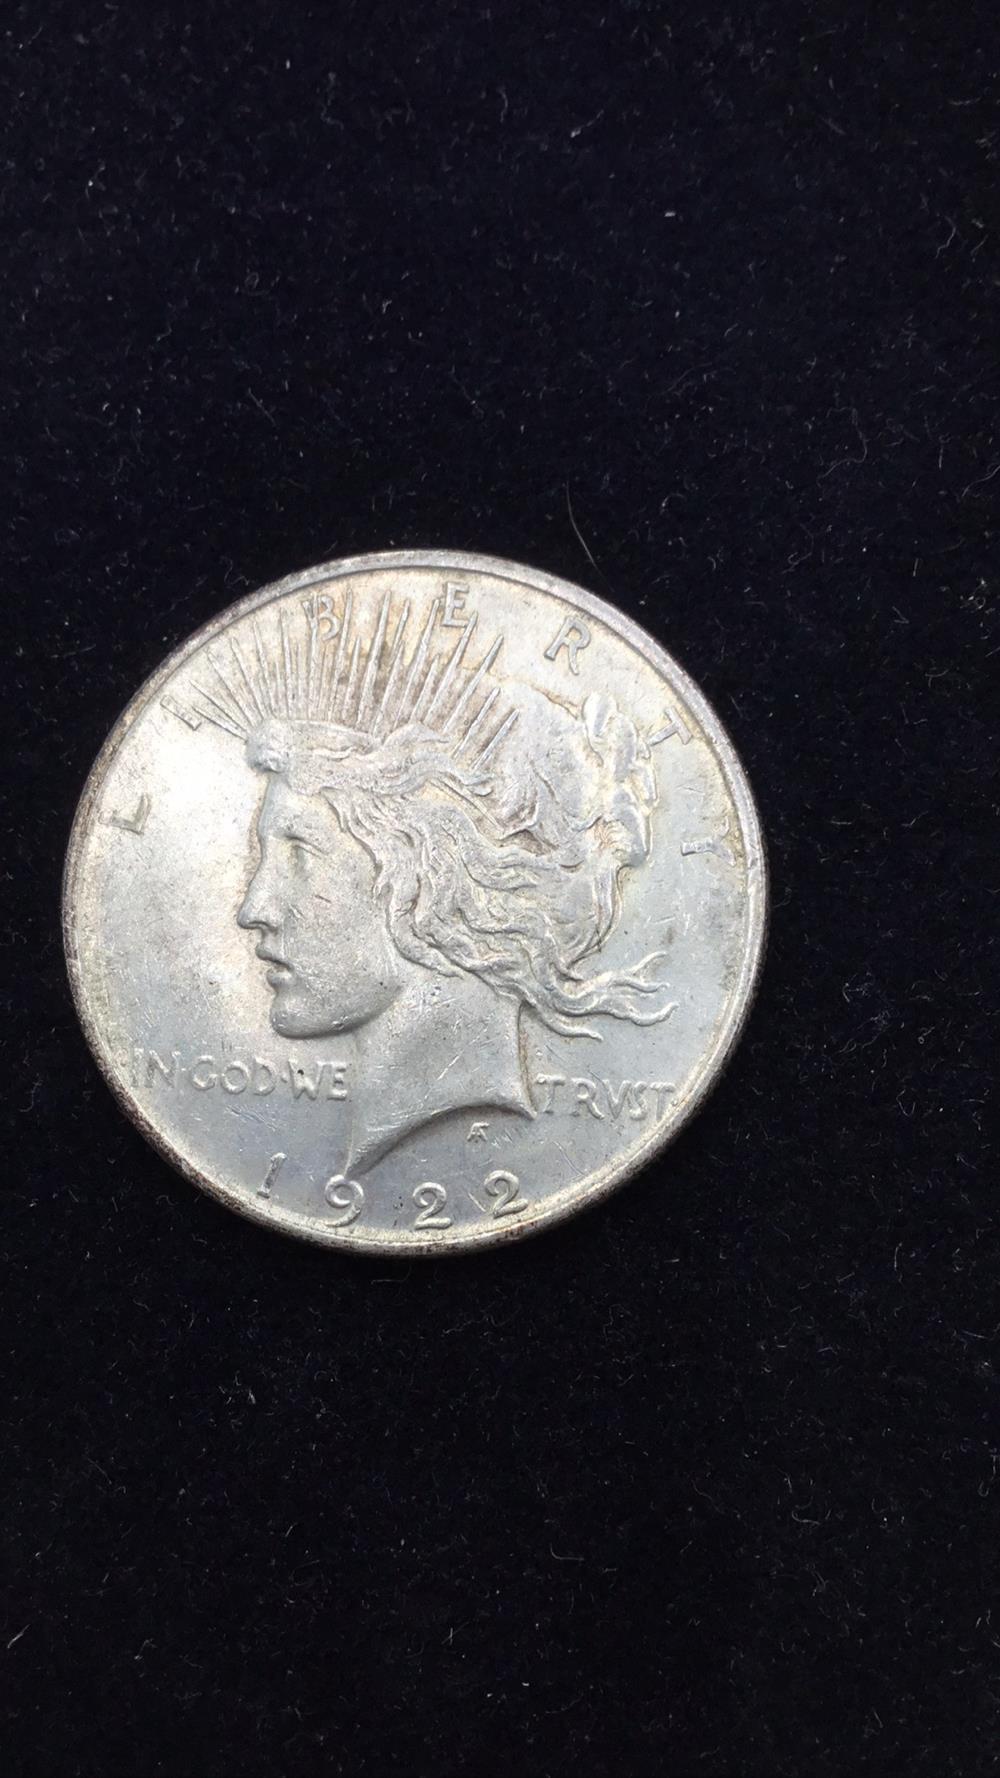 Lot 85: Peace dollar